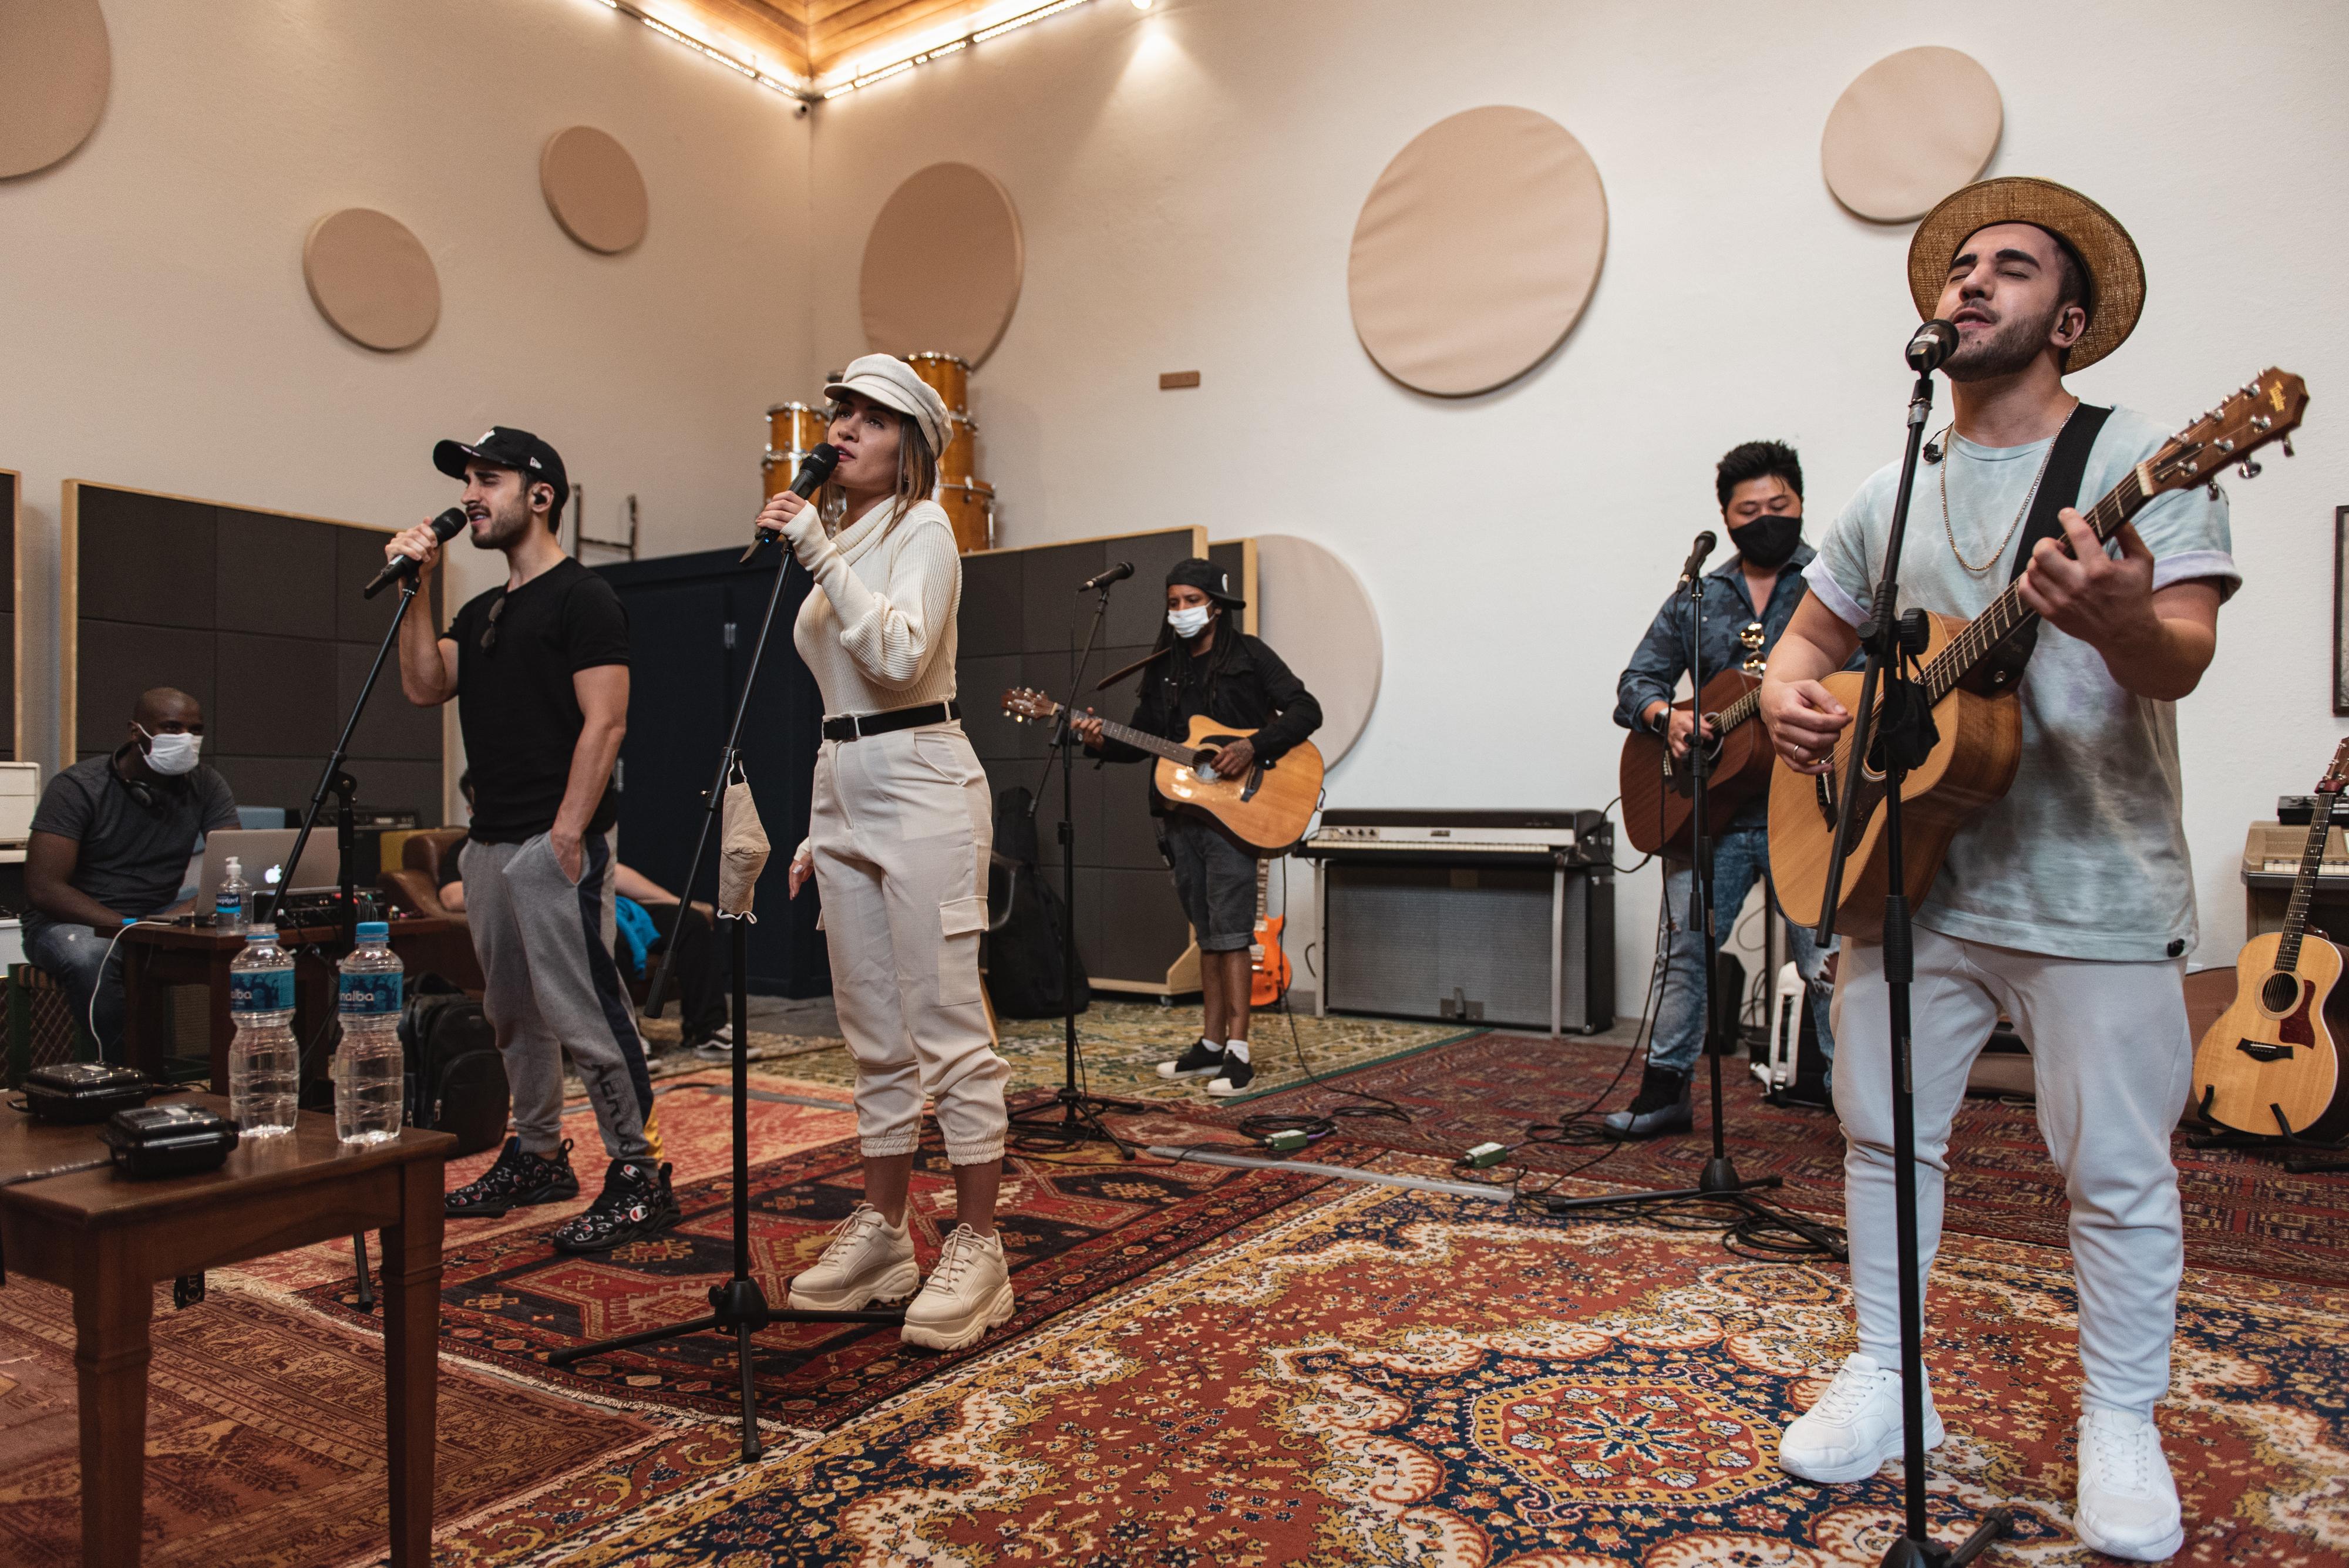 Melim em ensaio para apresentação no Grammy Latino (Divulgação/The Latin Recording Academy)